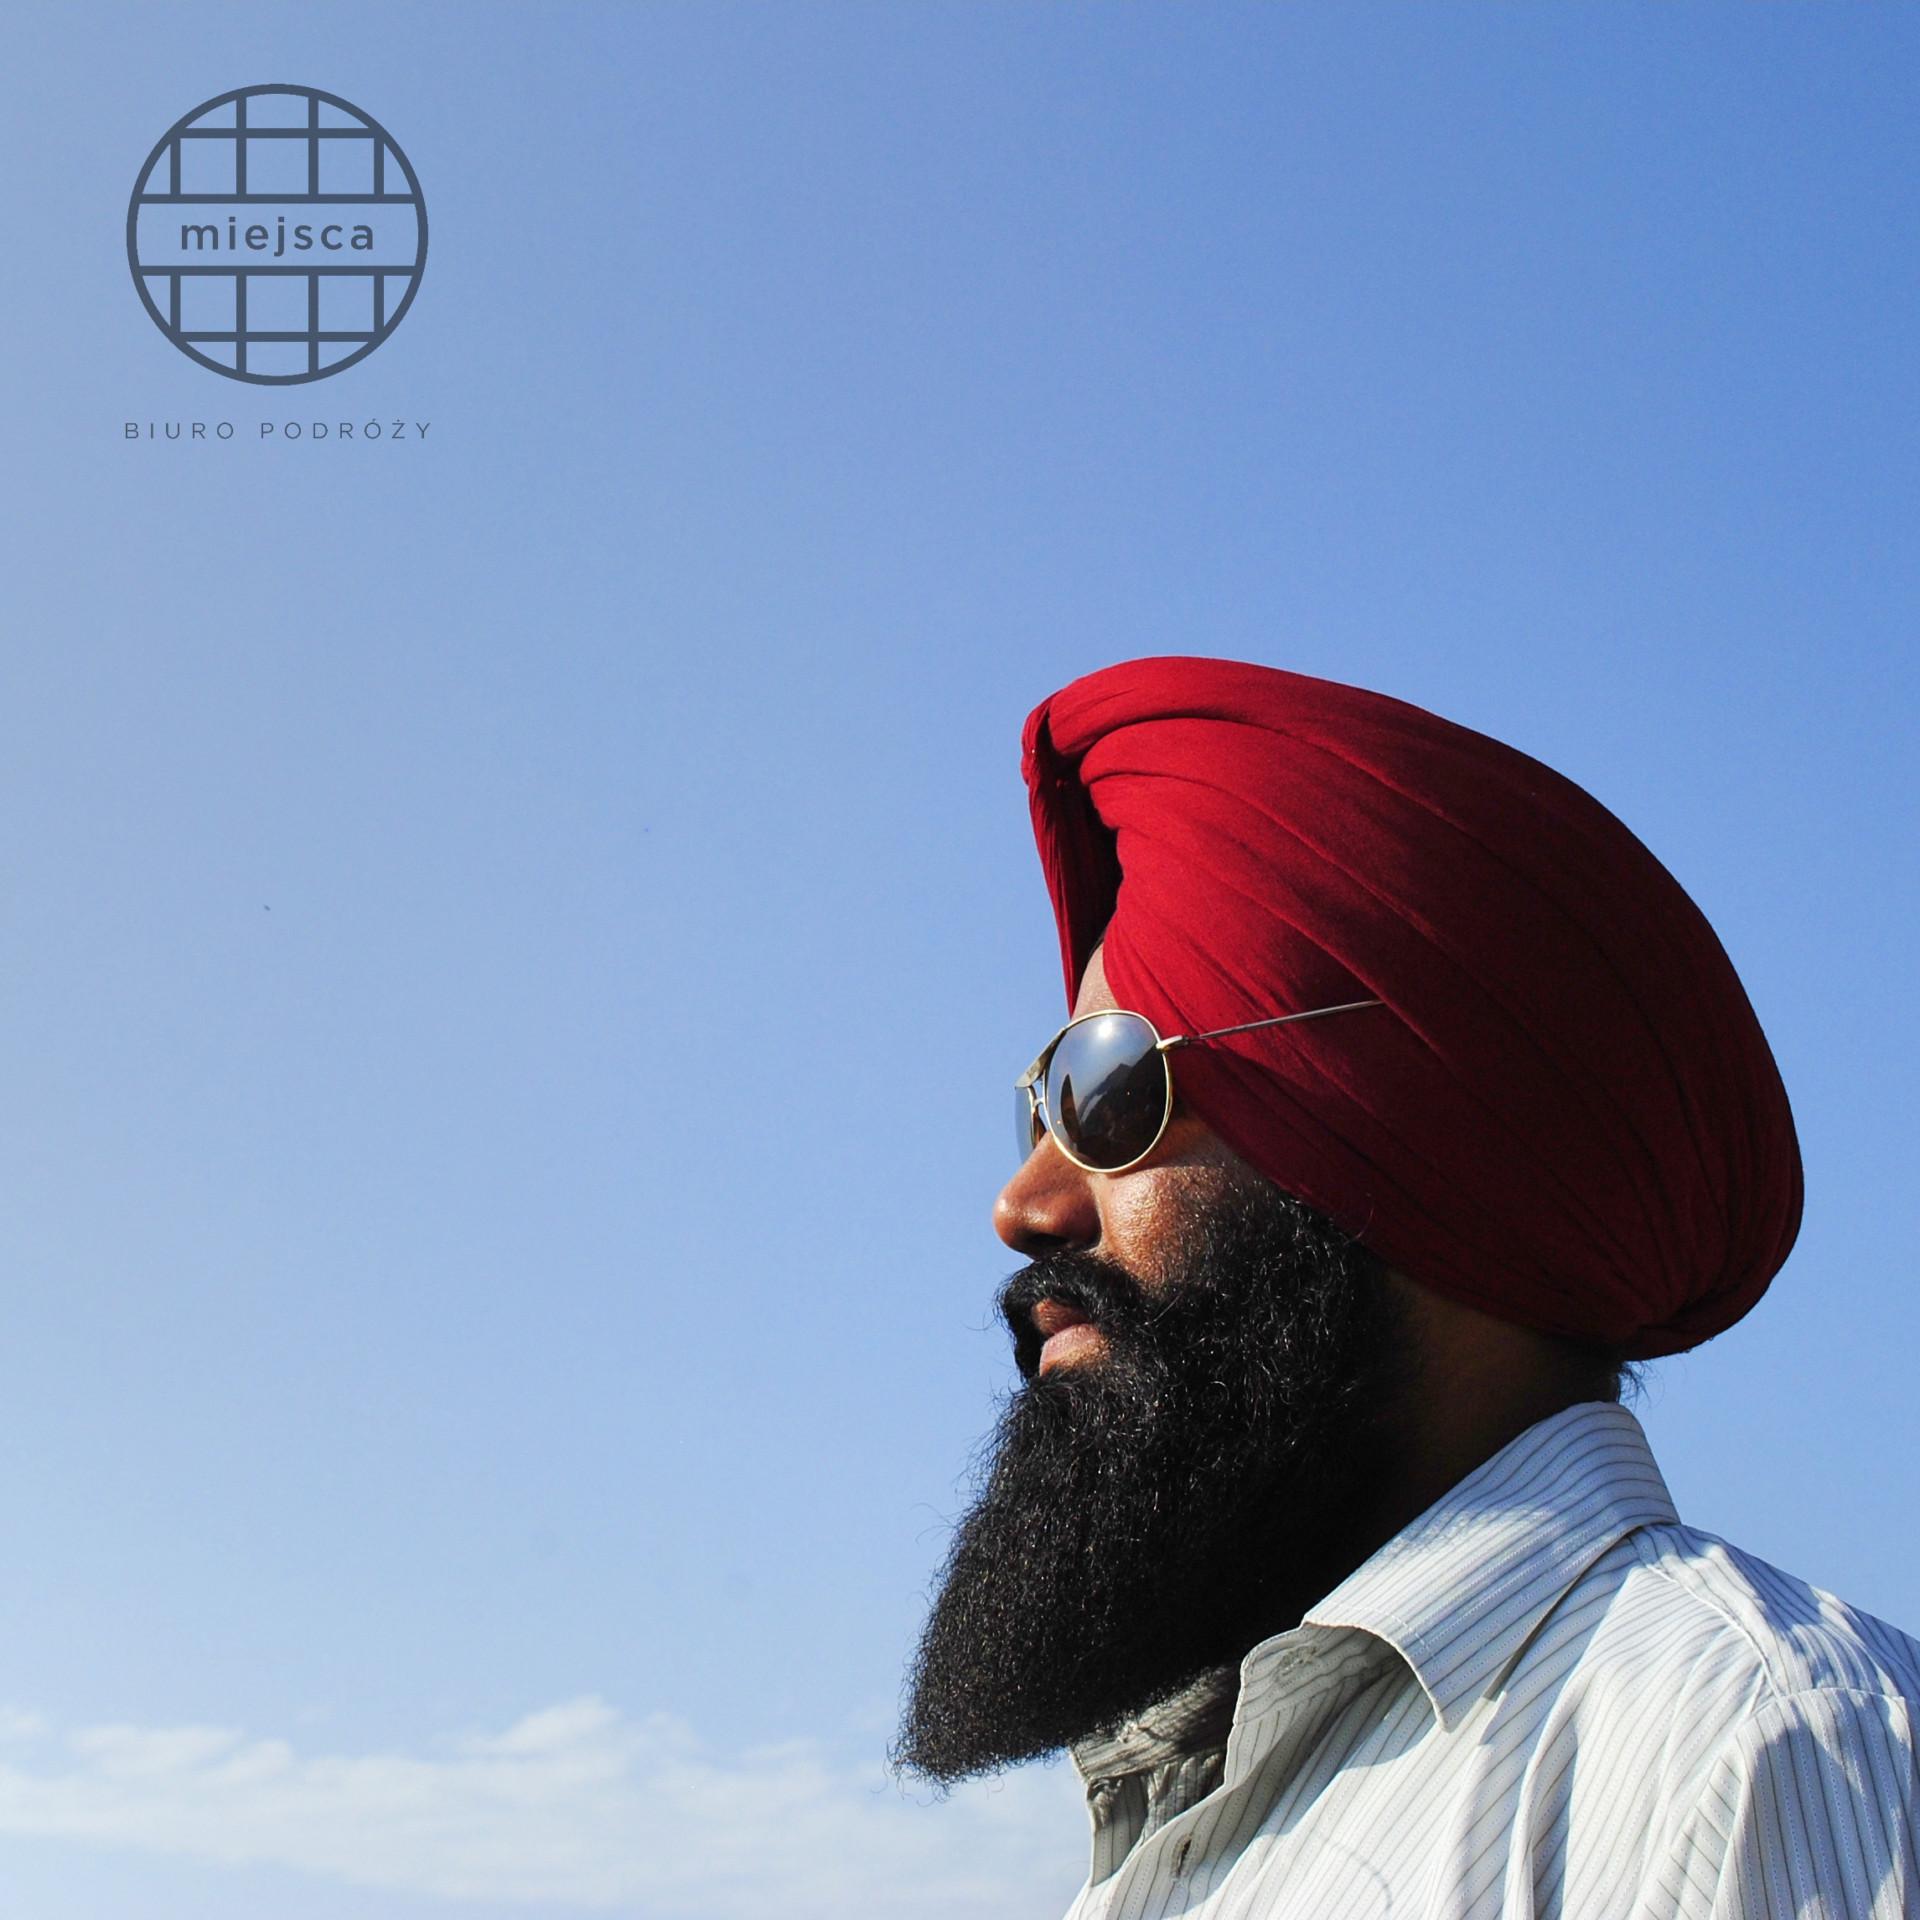 Wyprawa do Nepalu na wyciągnięcie ręki. Wybierz kameralne biuro podróży 4